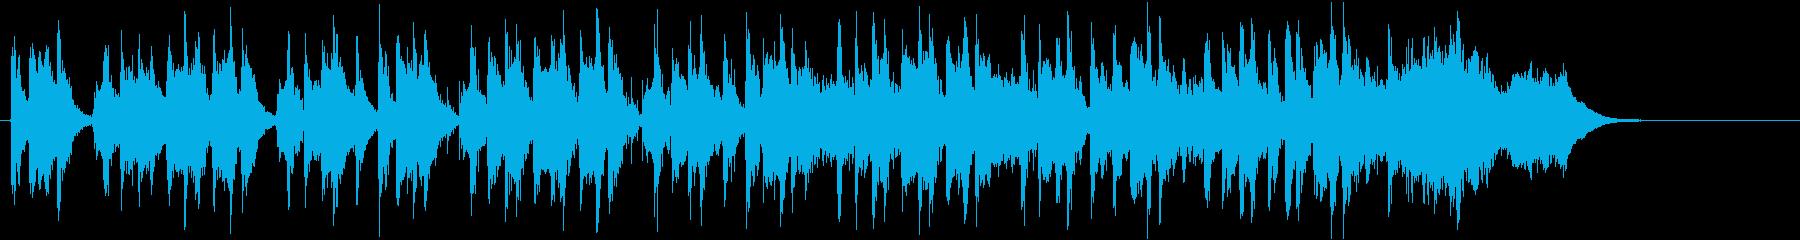 勇ましいオーケストラ-短縮版-の再生済みの波形